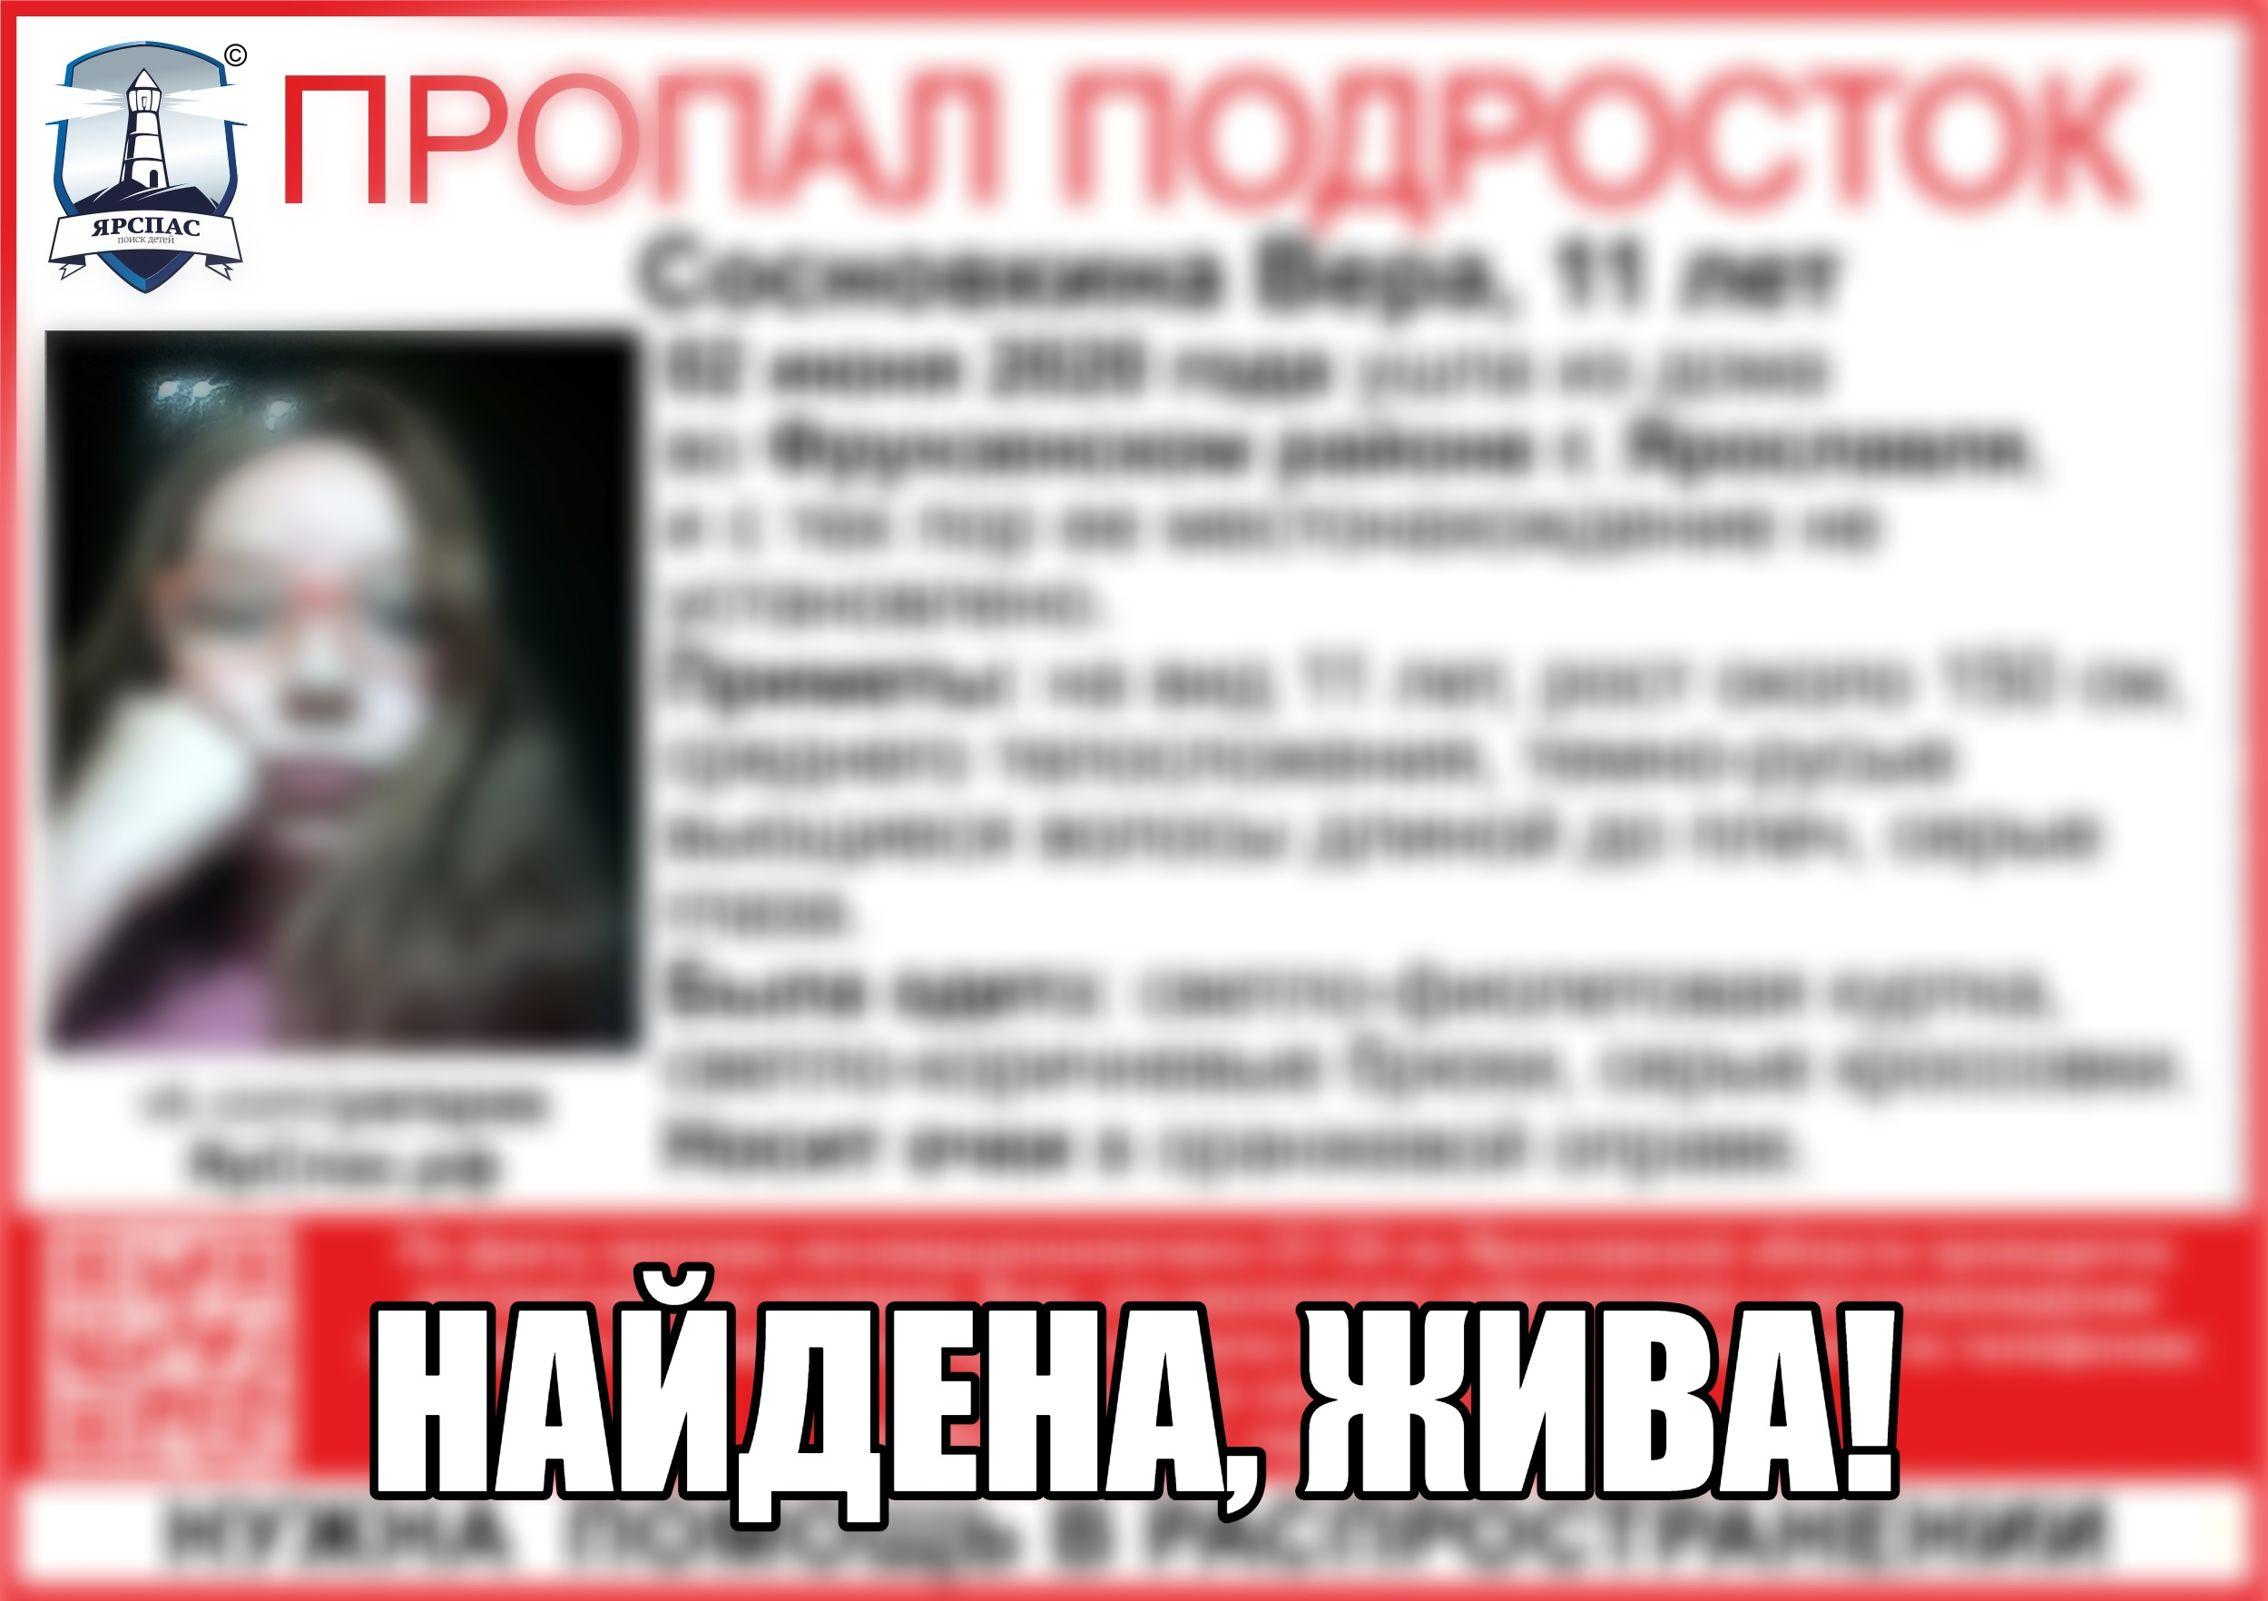 В Ярославле нашли живой пропавшую 11-летнюю девочку